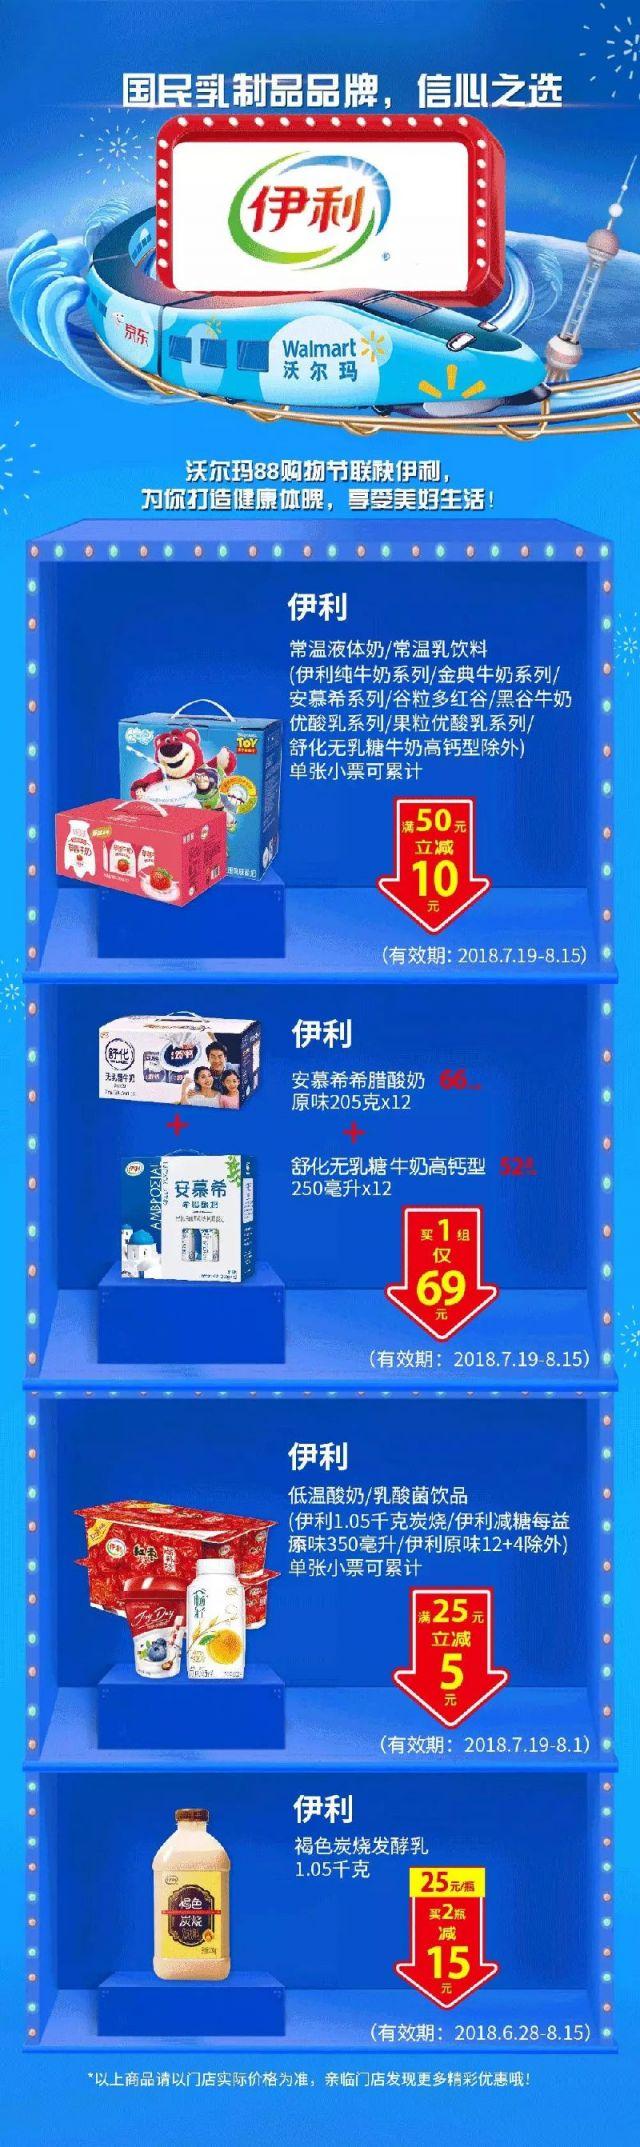 沃尔玛 | 88购物节最高88元优惠券(7.19-8.15)